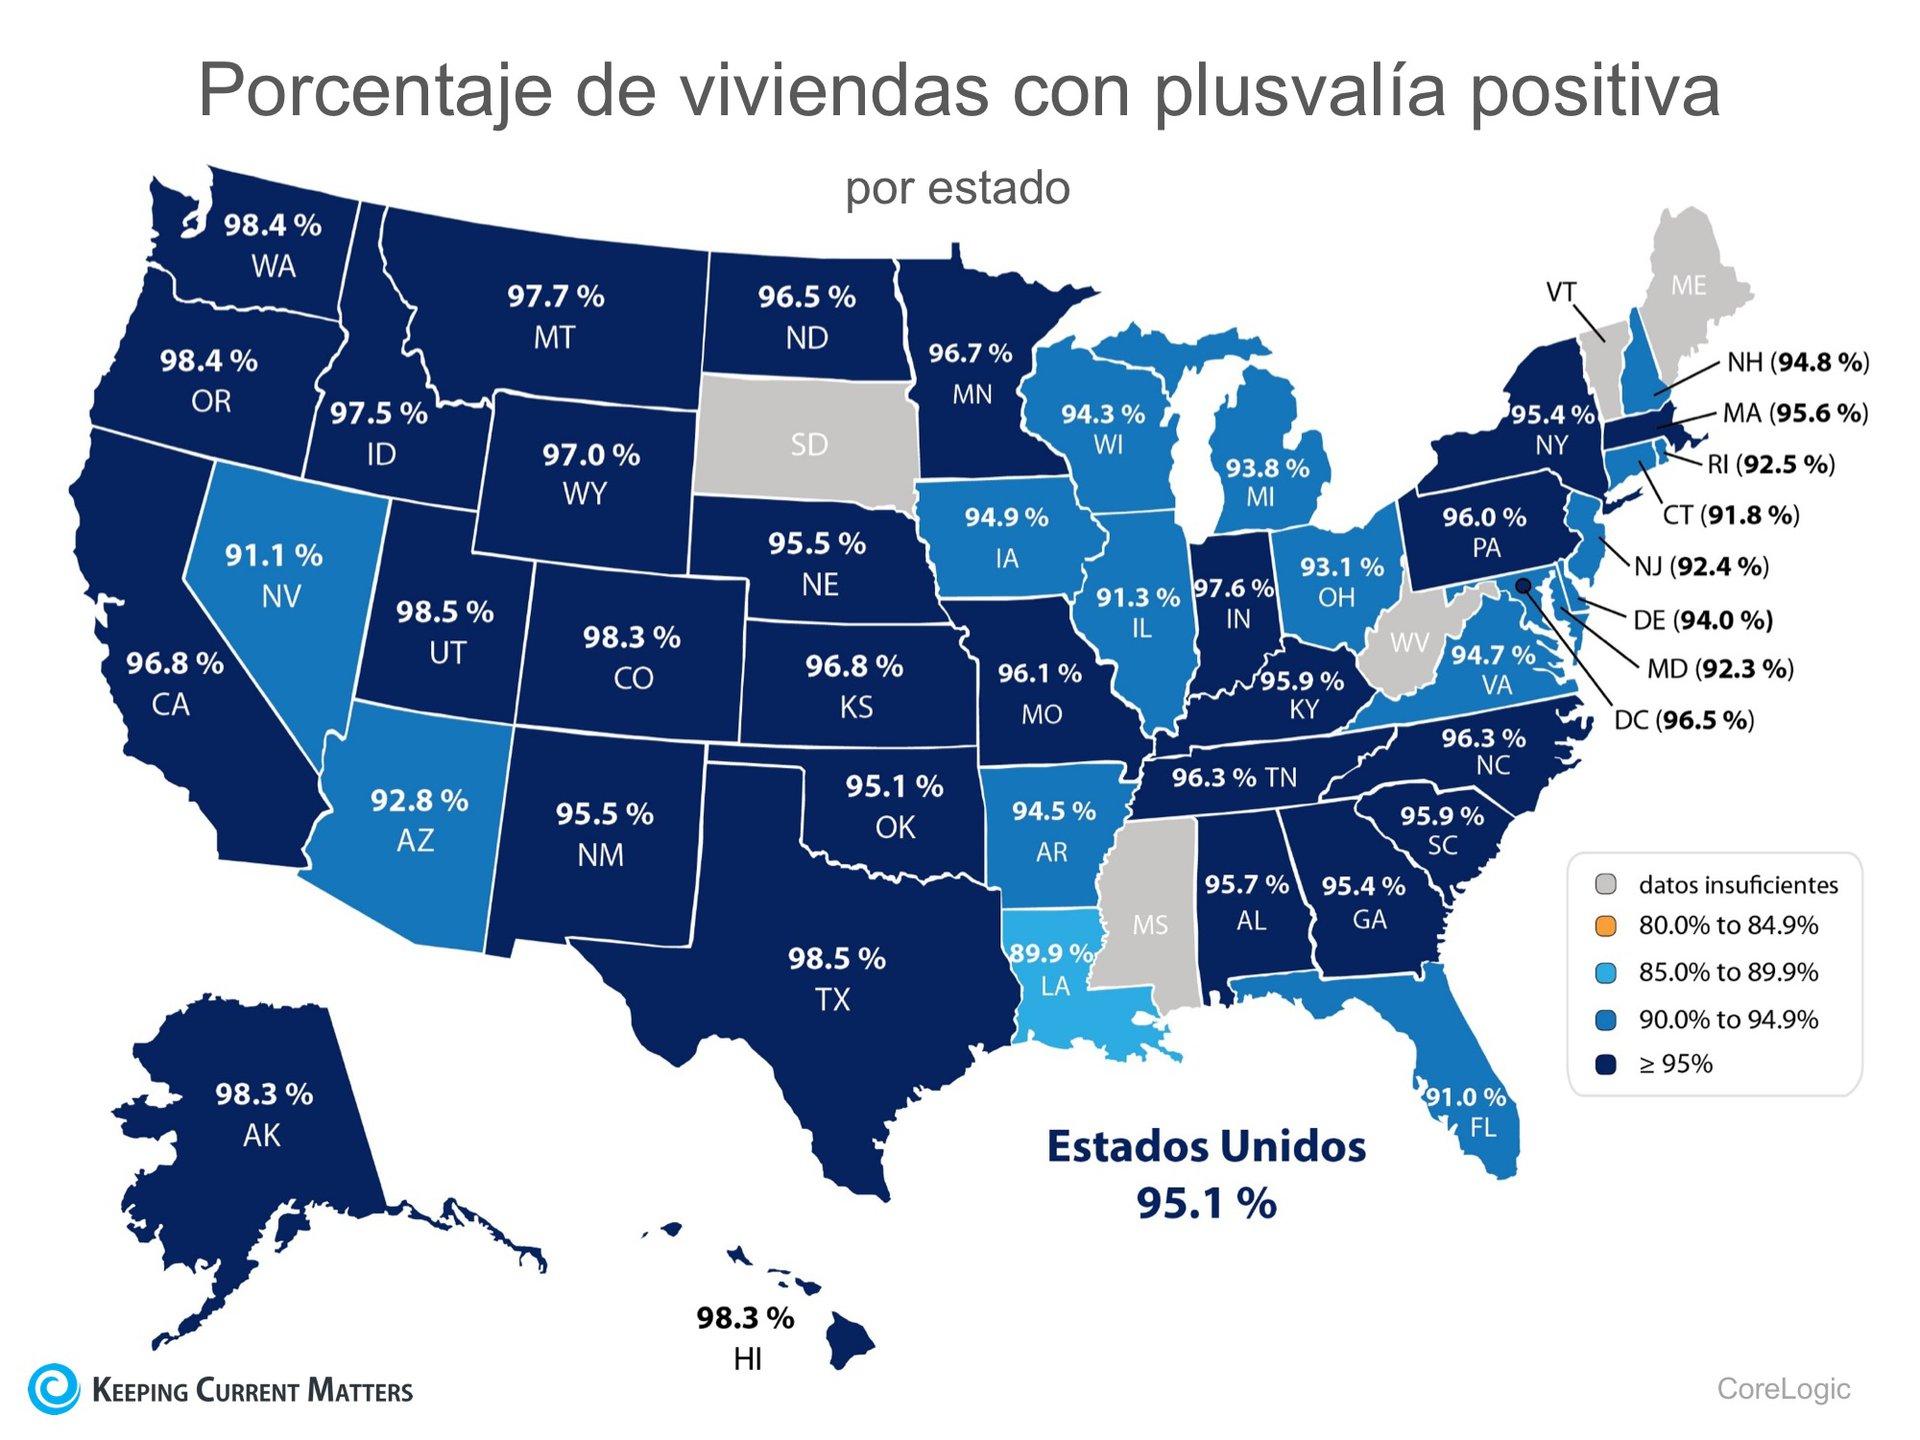 ¡712,000 casas en U.S.A recuperaron la plusvalía en los últimos 12 meses! | Keeping Current Matters